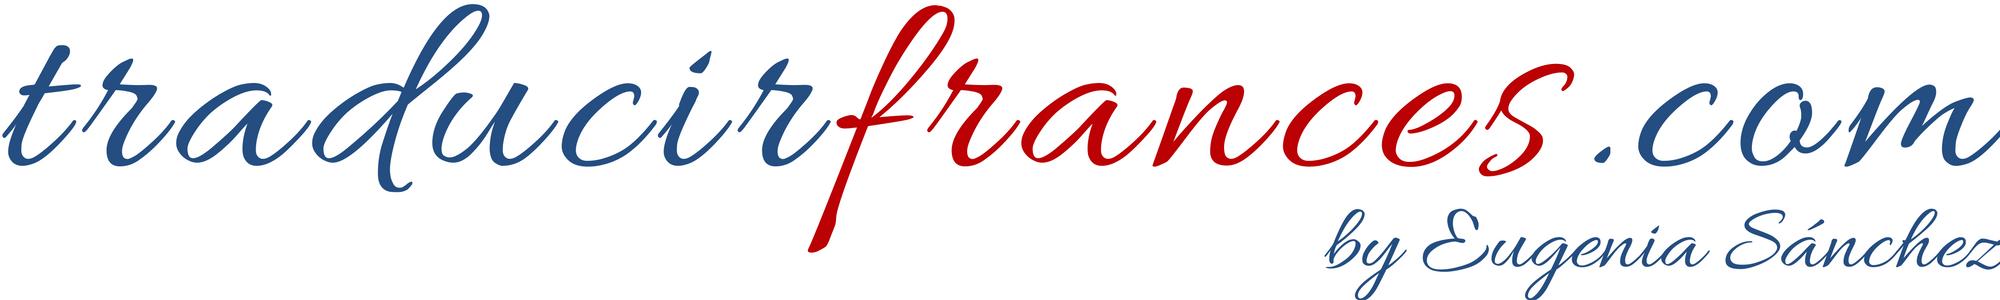 logo7-traducirfrances-by-eugenia-sanchez